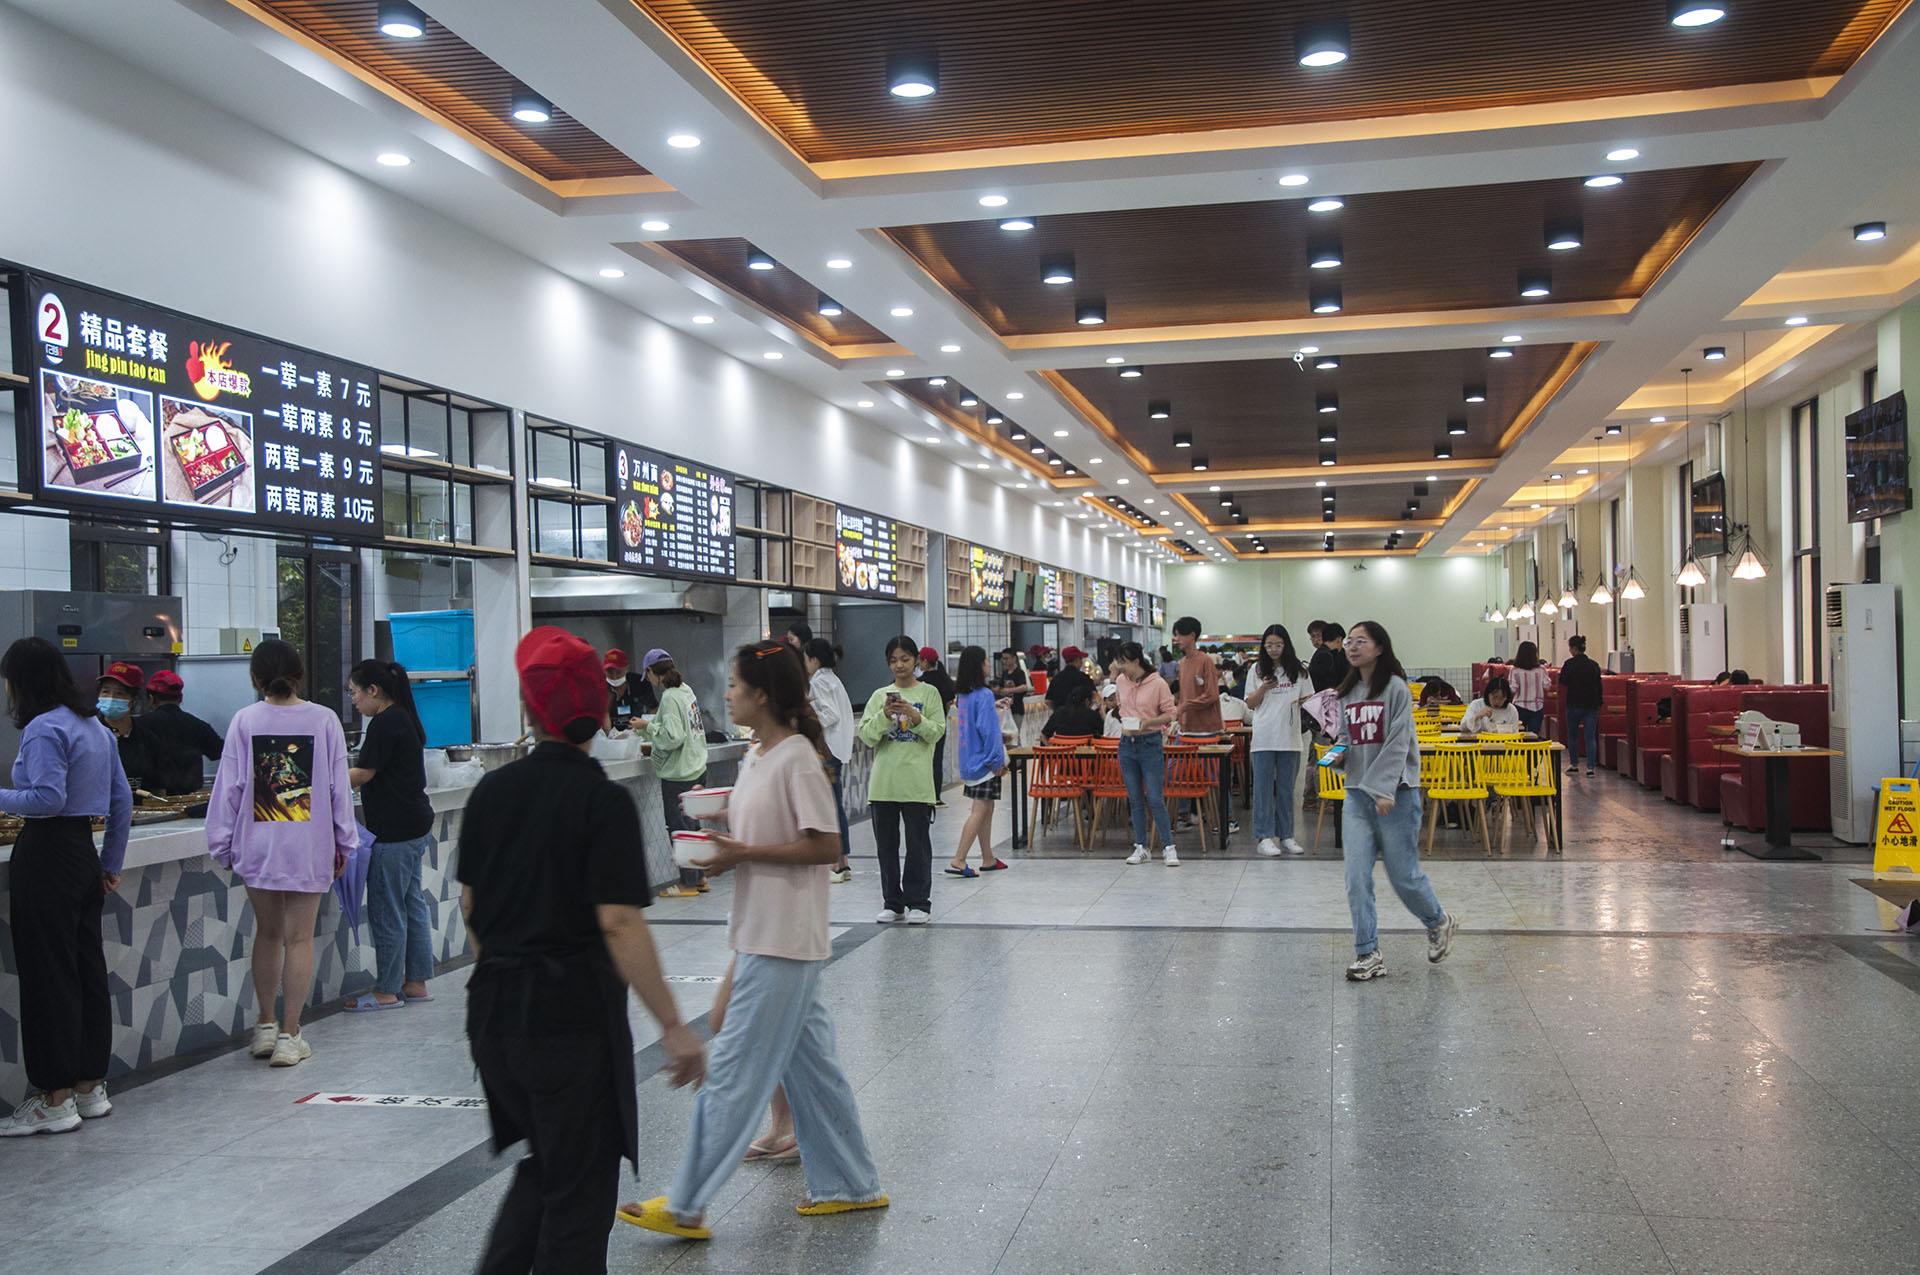 重庆人文科技学院慧园食堂、慧园特色餐厅